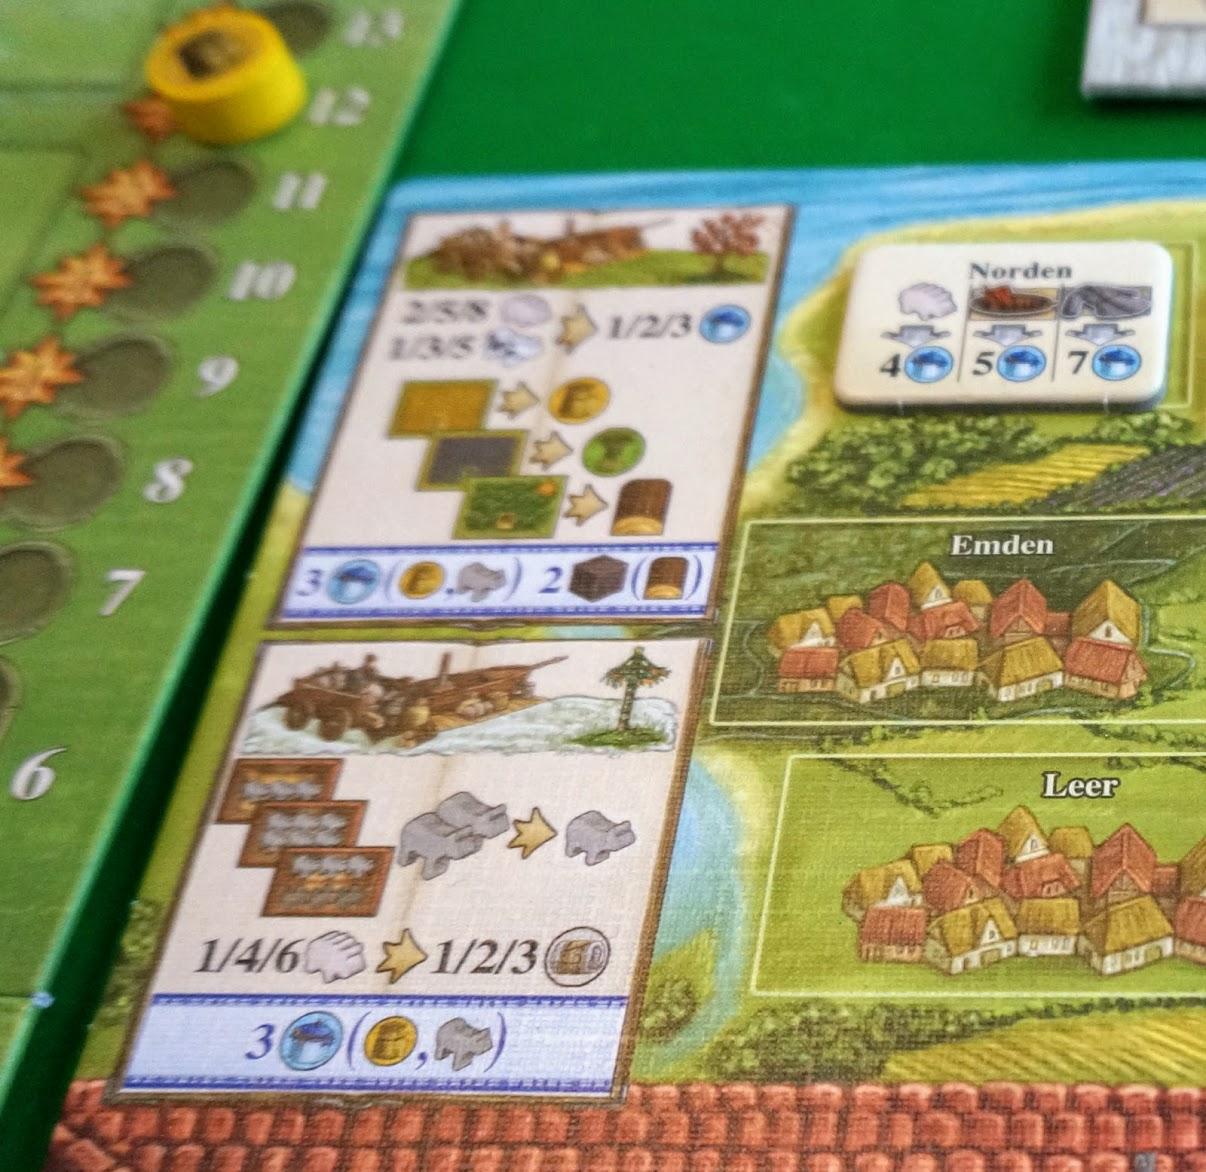 アルルの丘:拡張 紅茶と交易:生産フェーズ